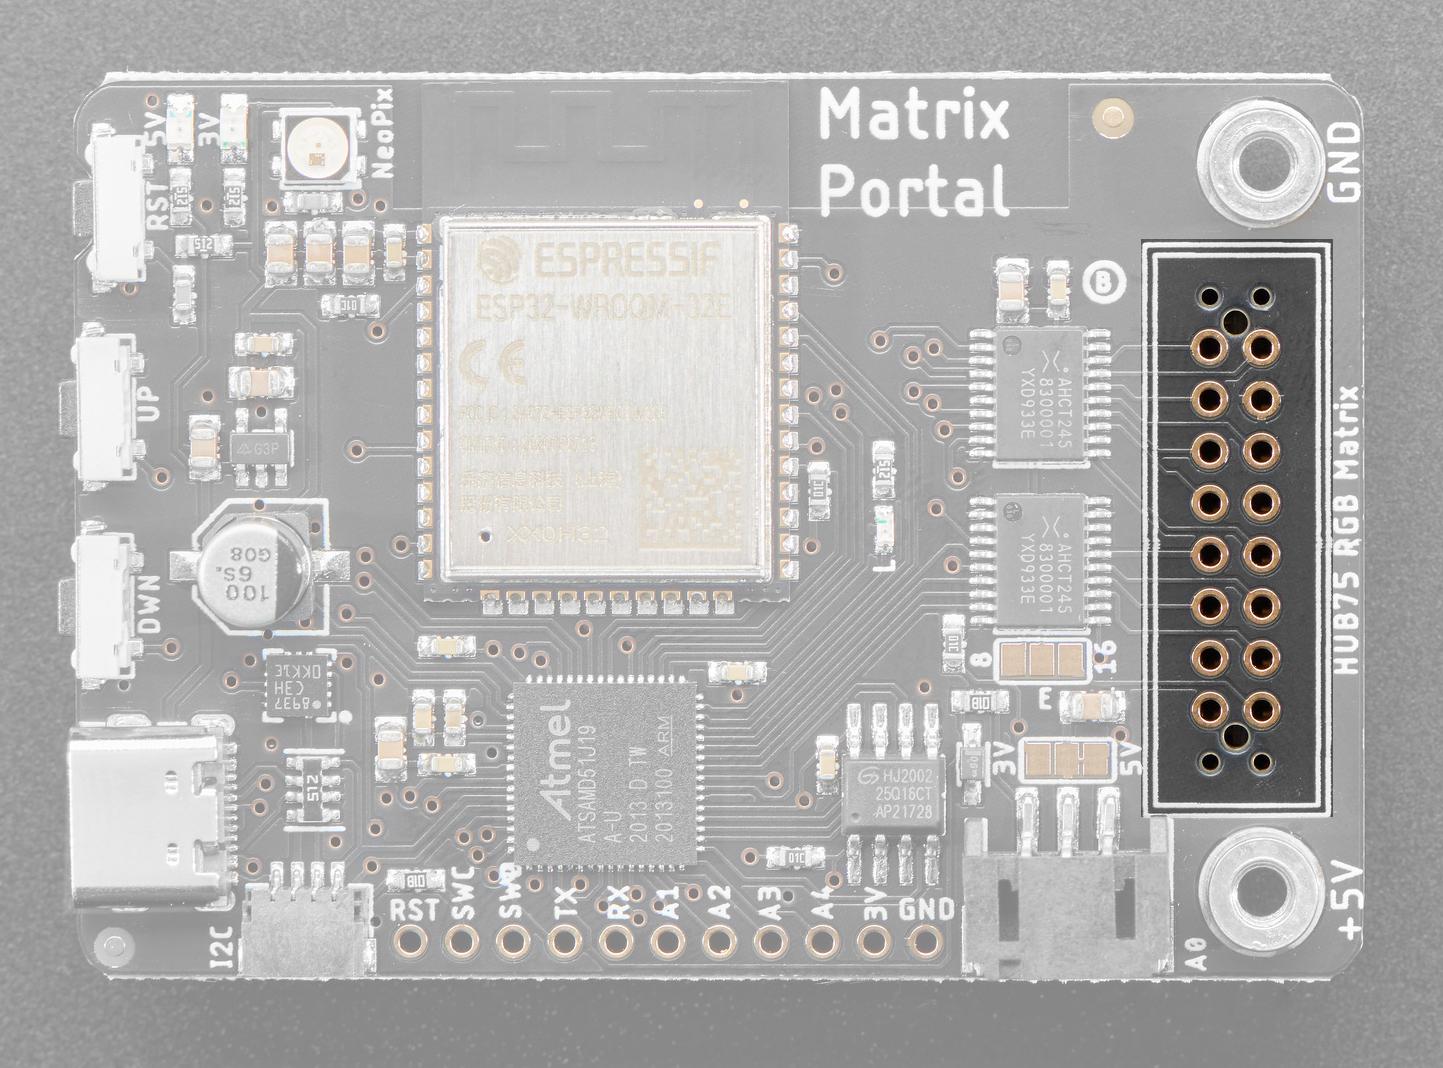 led_matrices_matrixportal_pinout_hub75.jpg